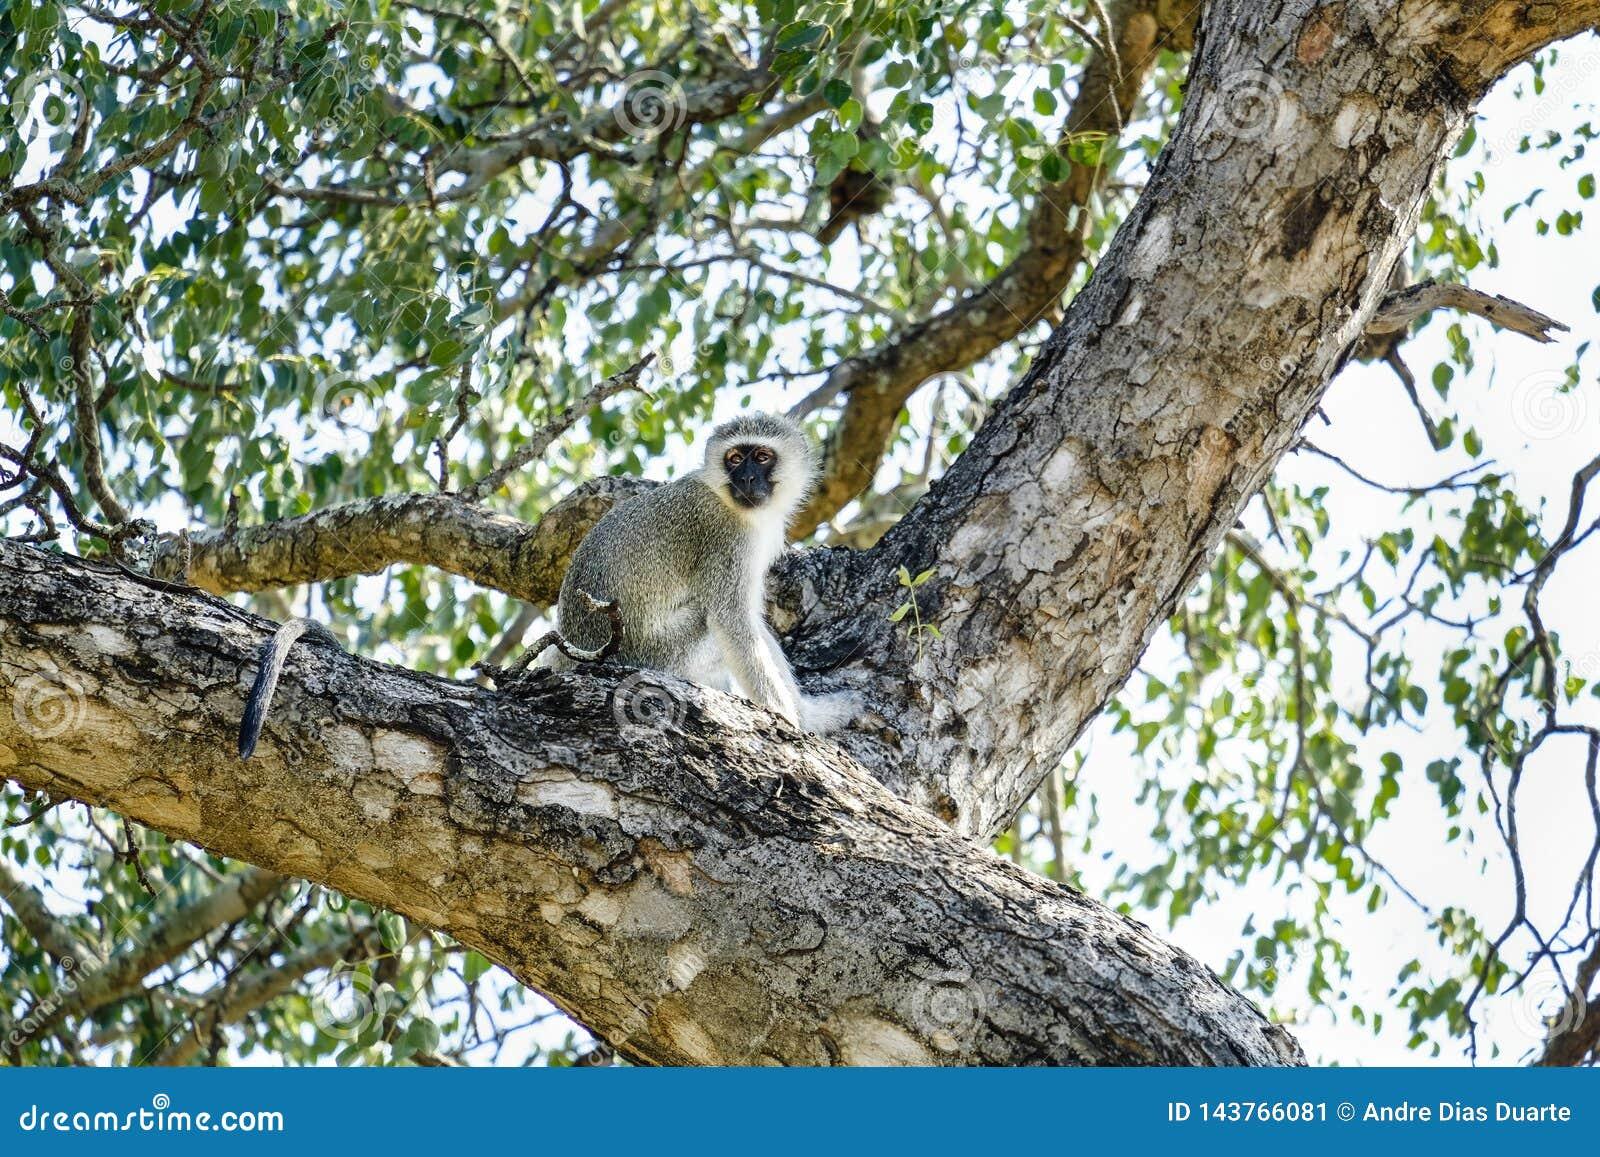 Kleine vervetaap bovenop een boom